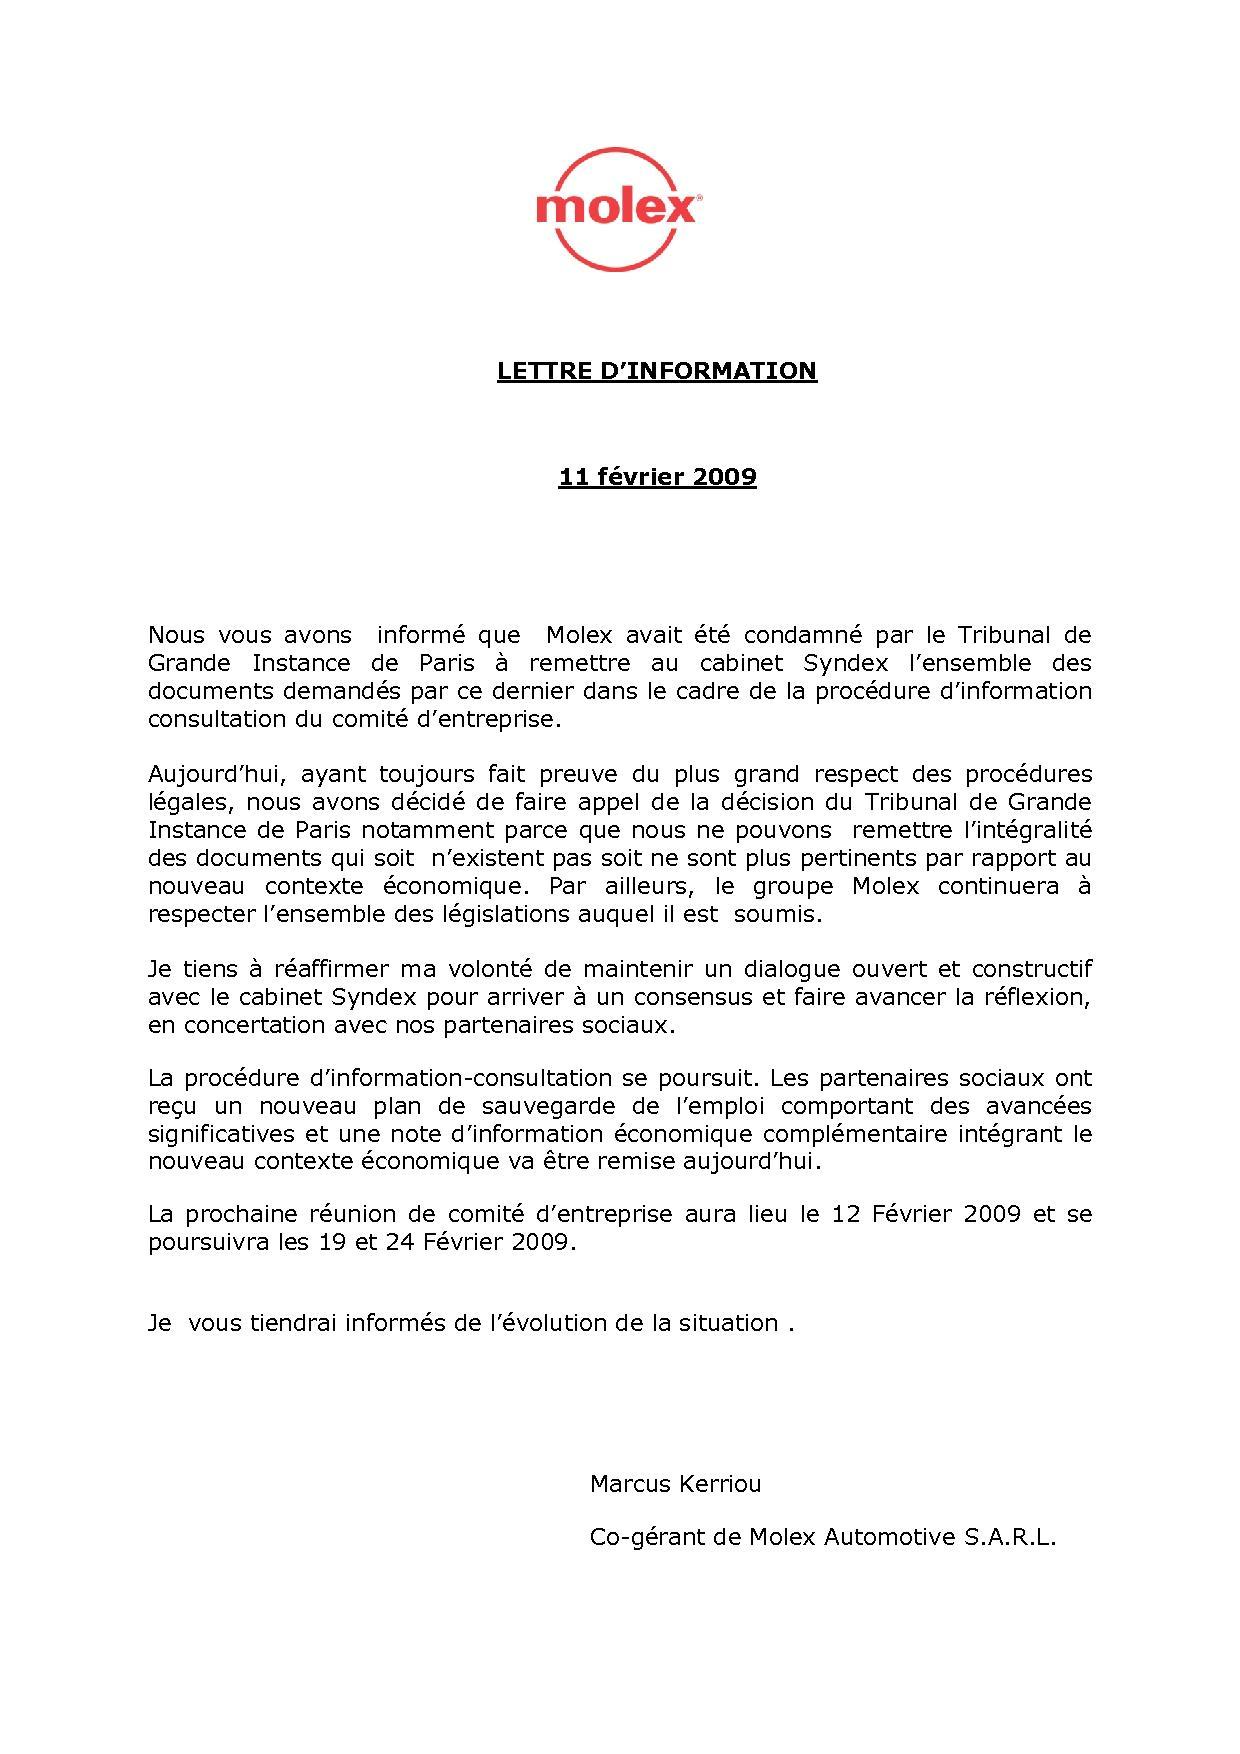 lettreinformation110209.jpg